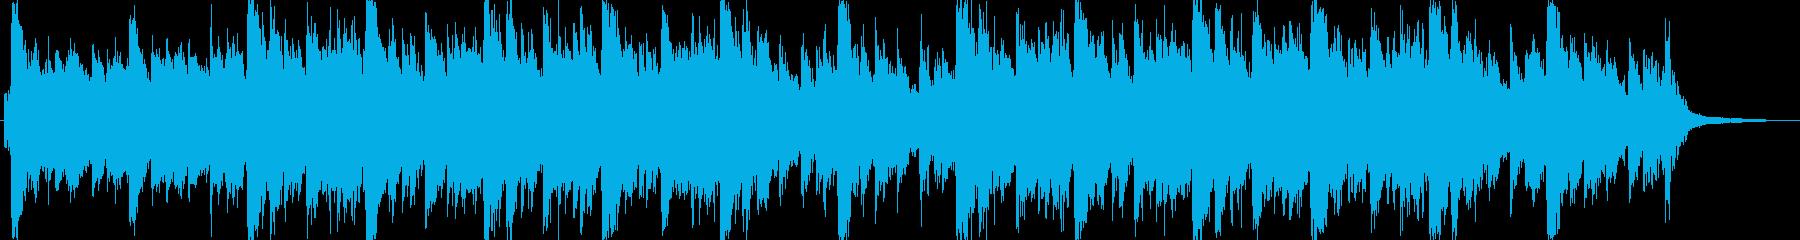 明るいイメージのオーケストラジングル。の再生済みの波形